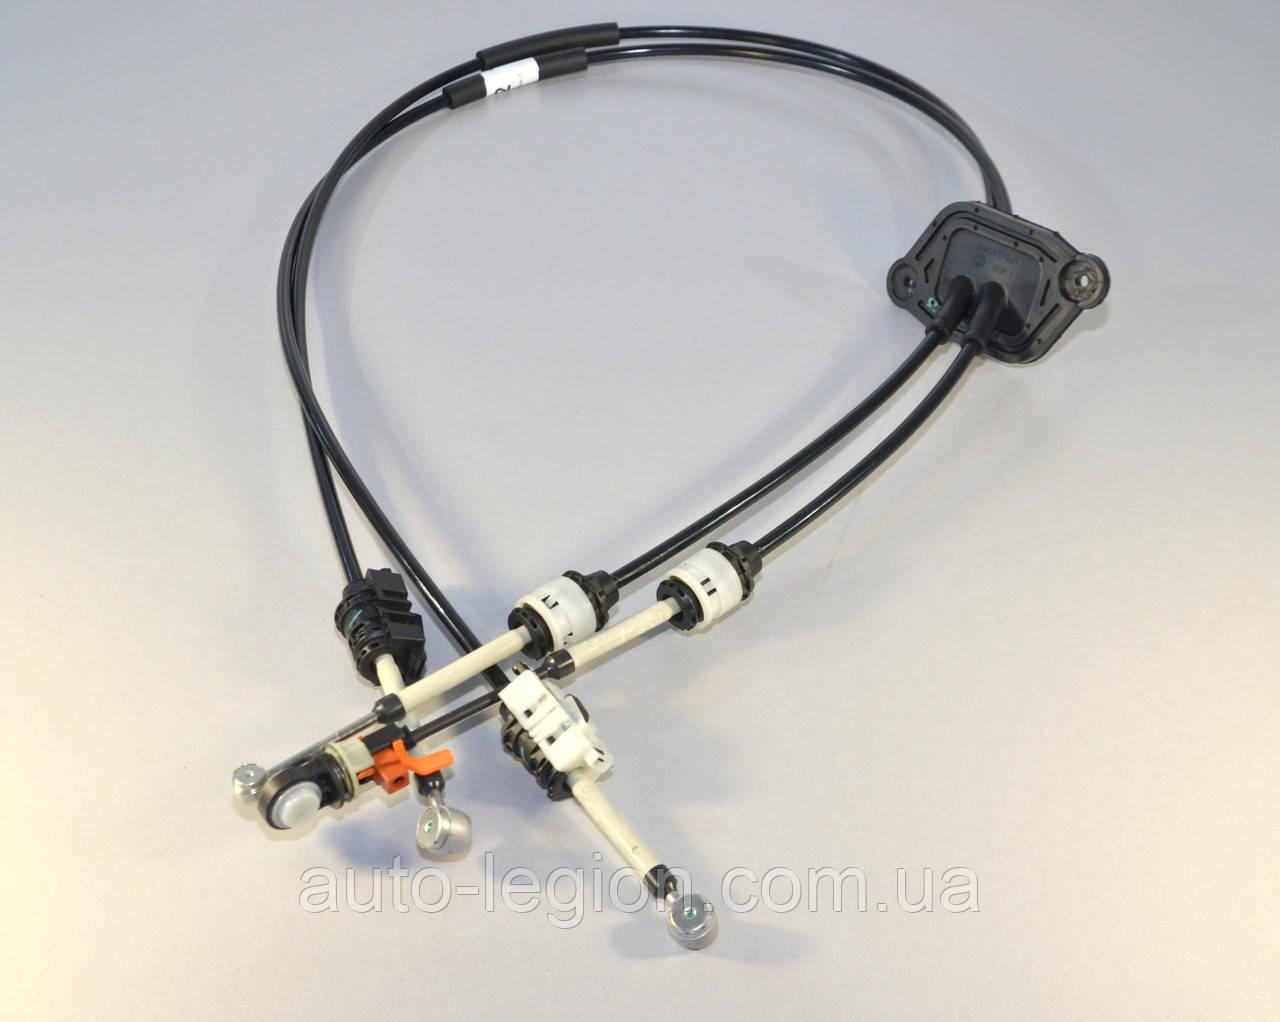 Троса переключения передач на Renault Master III 2010-> —  Renault (Оригинал) - 349358506R